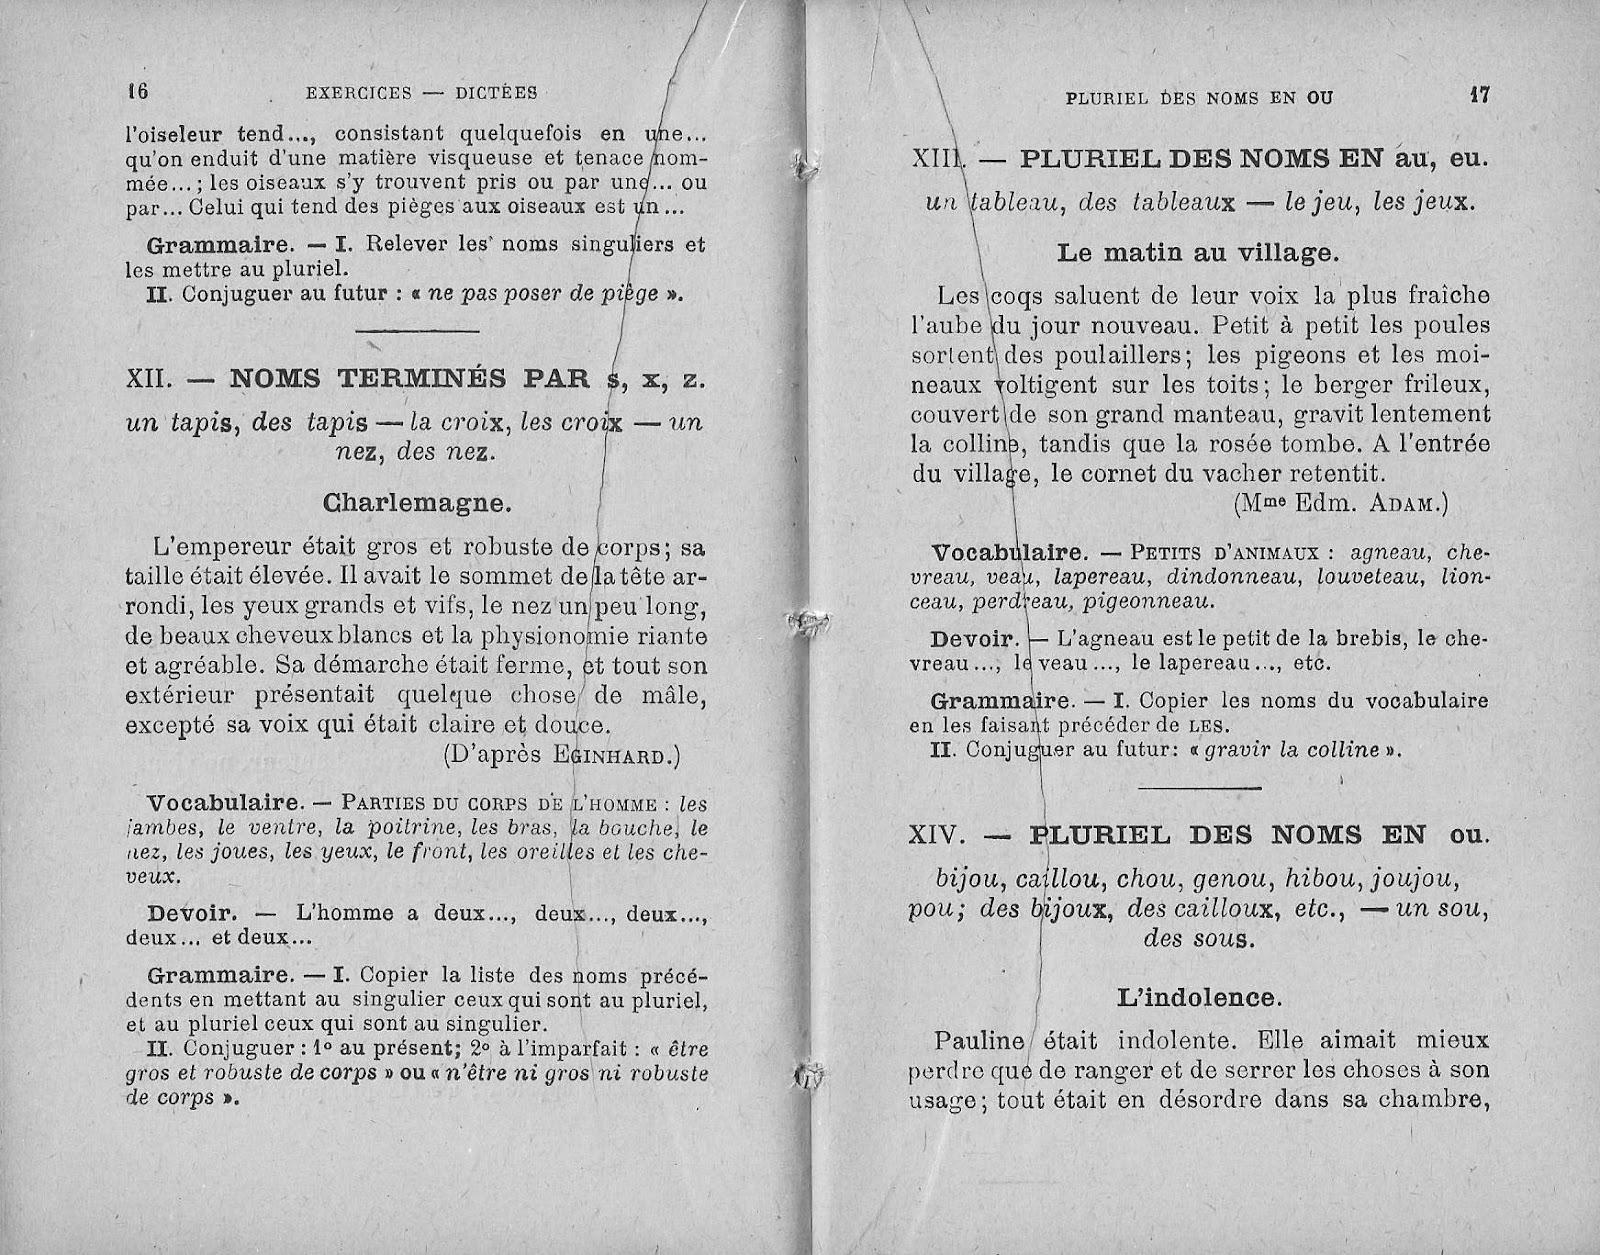 Manuels Anciens David Chabe Exercices Dictees Ce Vocabulaire Devoirs Grammaire Conjugaison Vers 1910